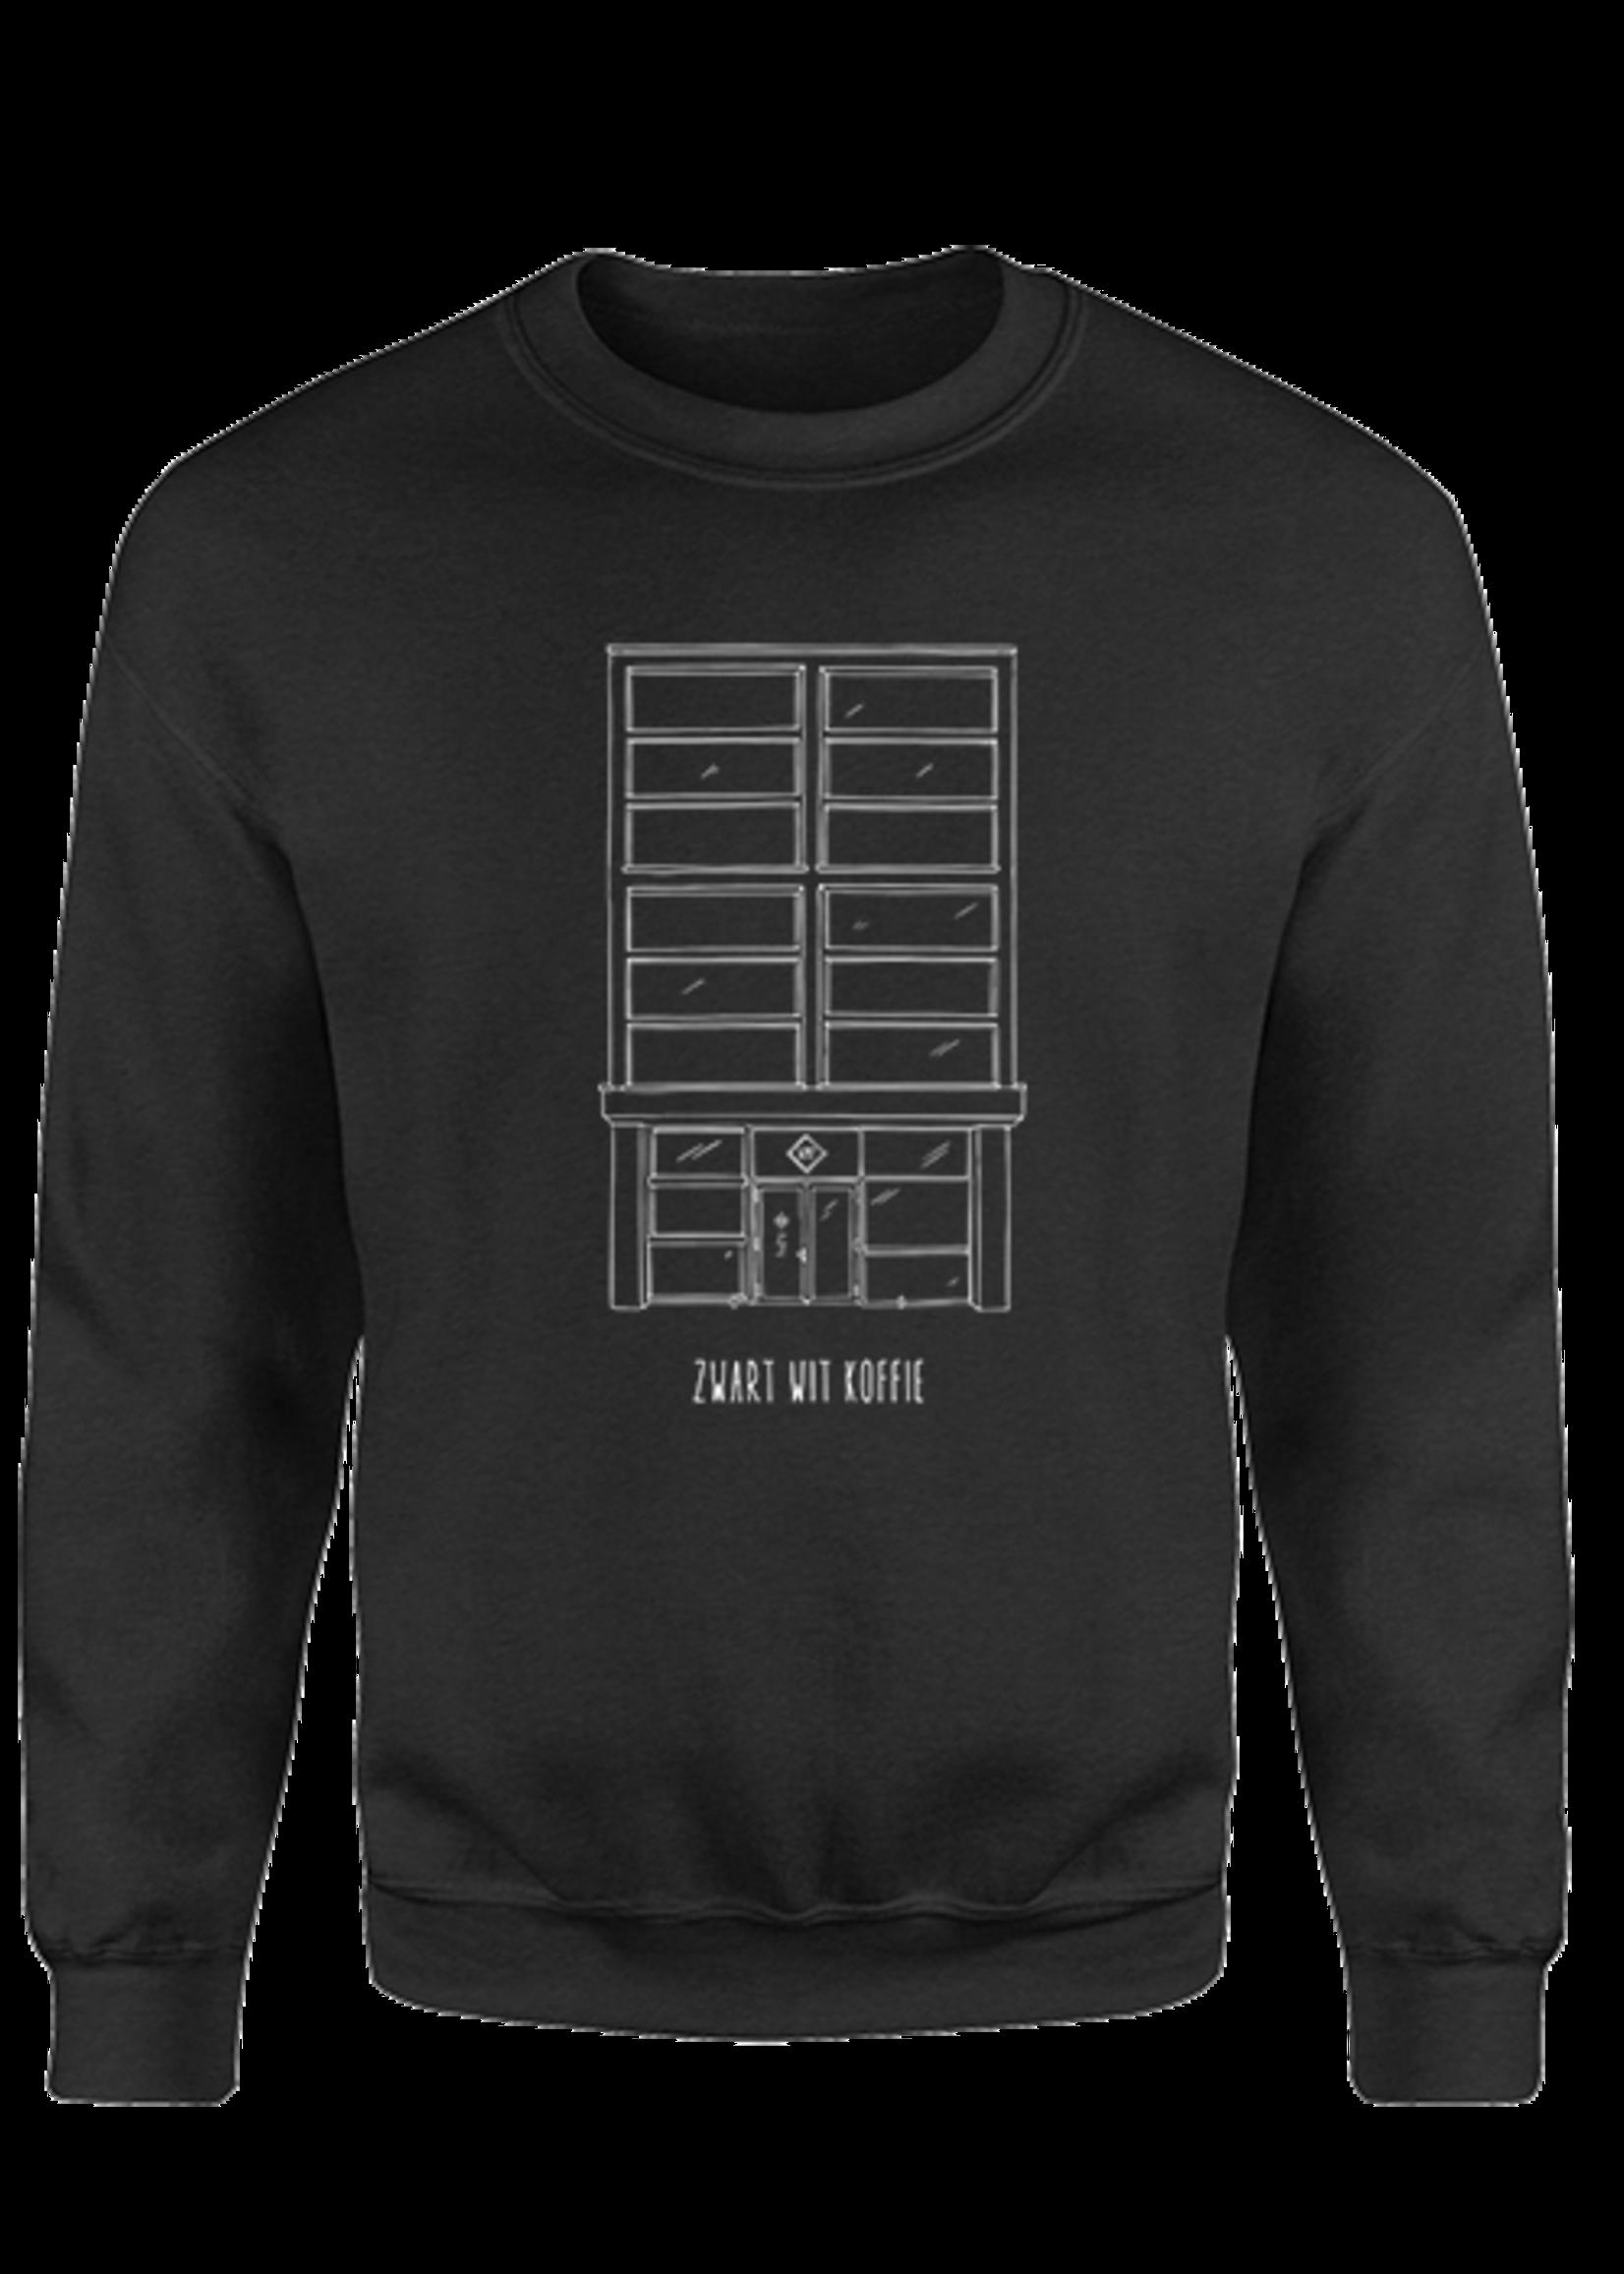 Rebel & Dutch ZwartWit Koffie Sweater